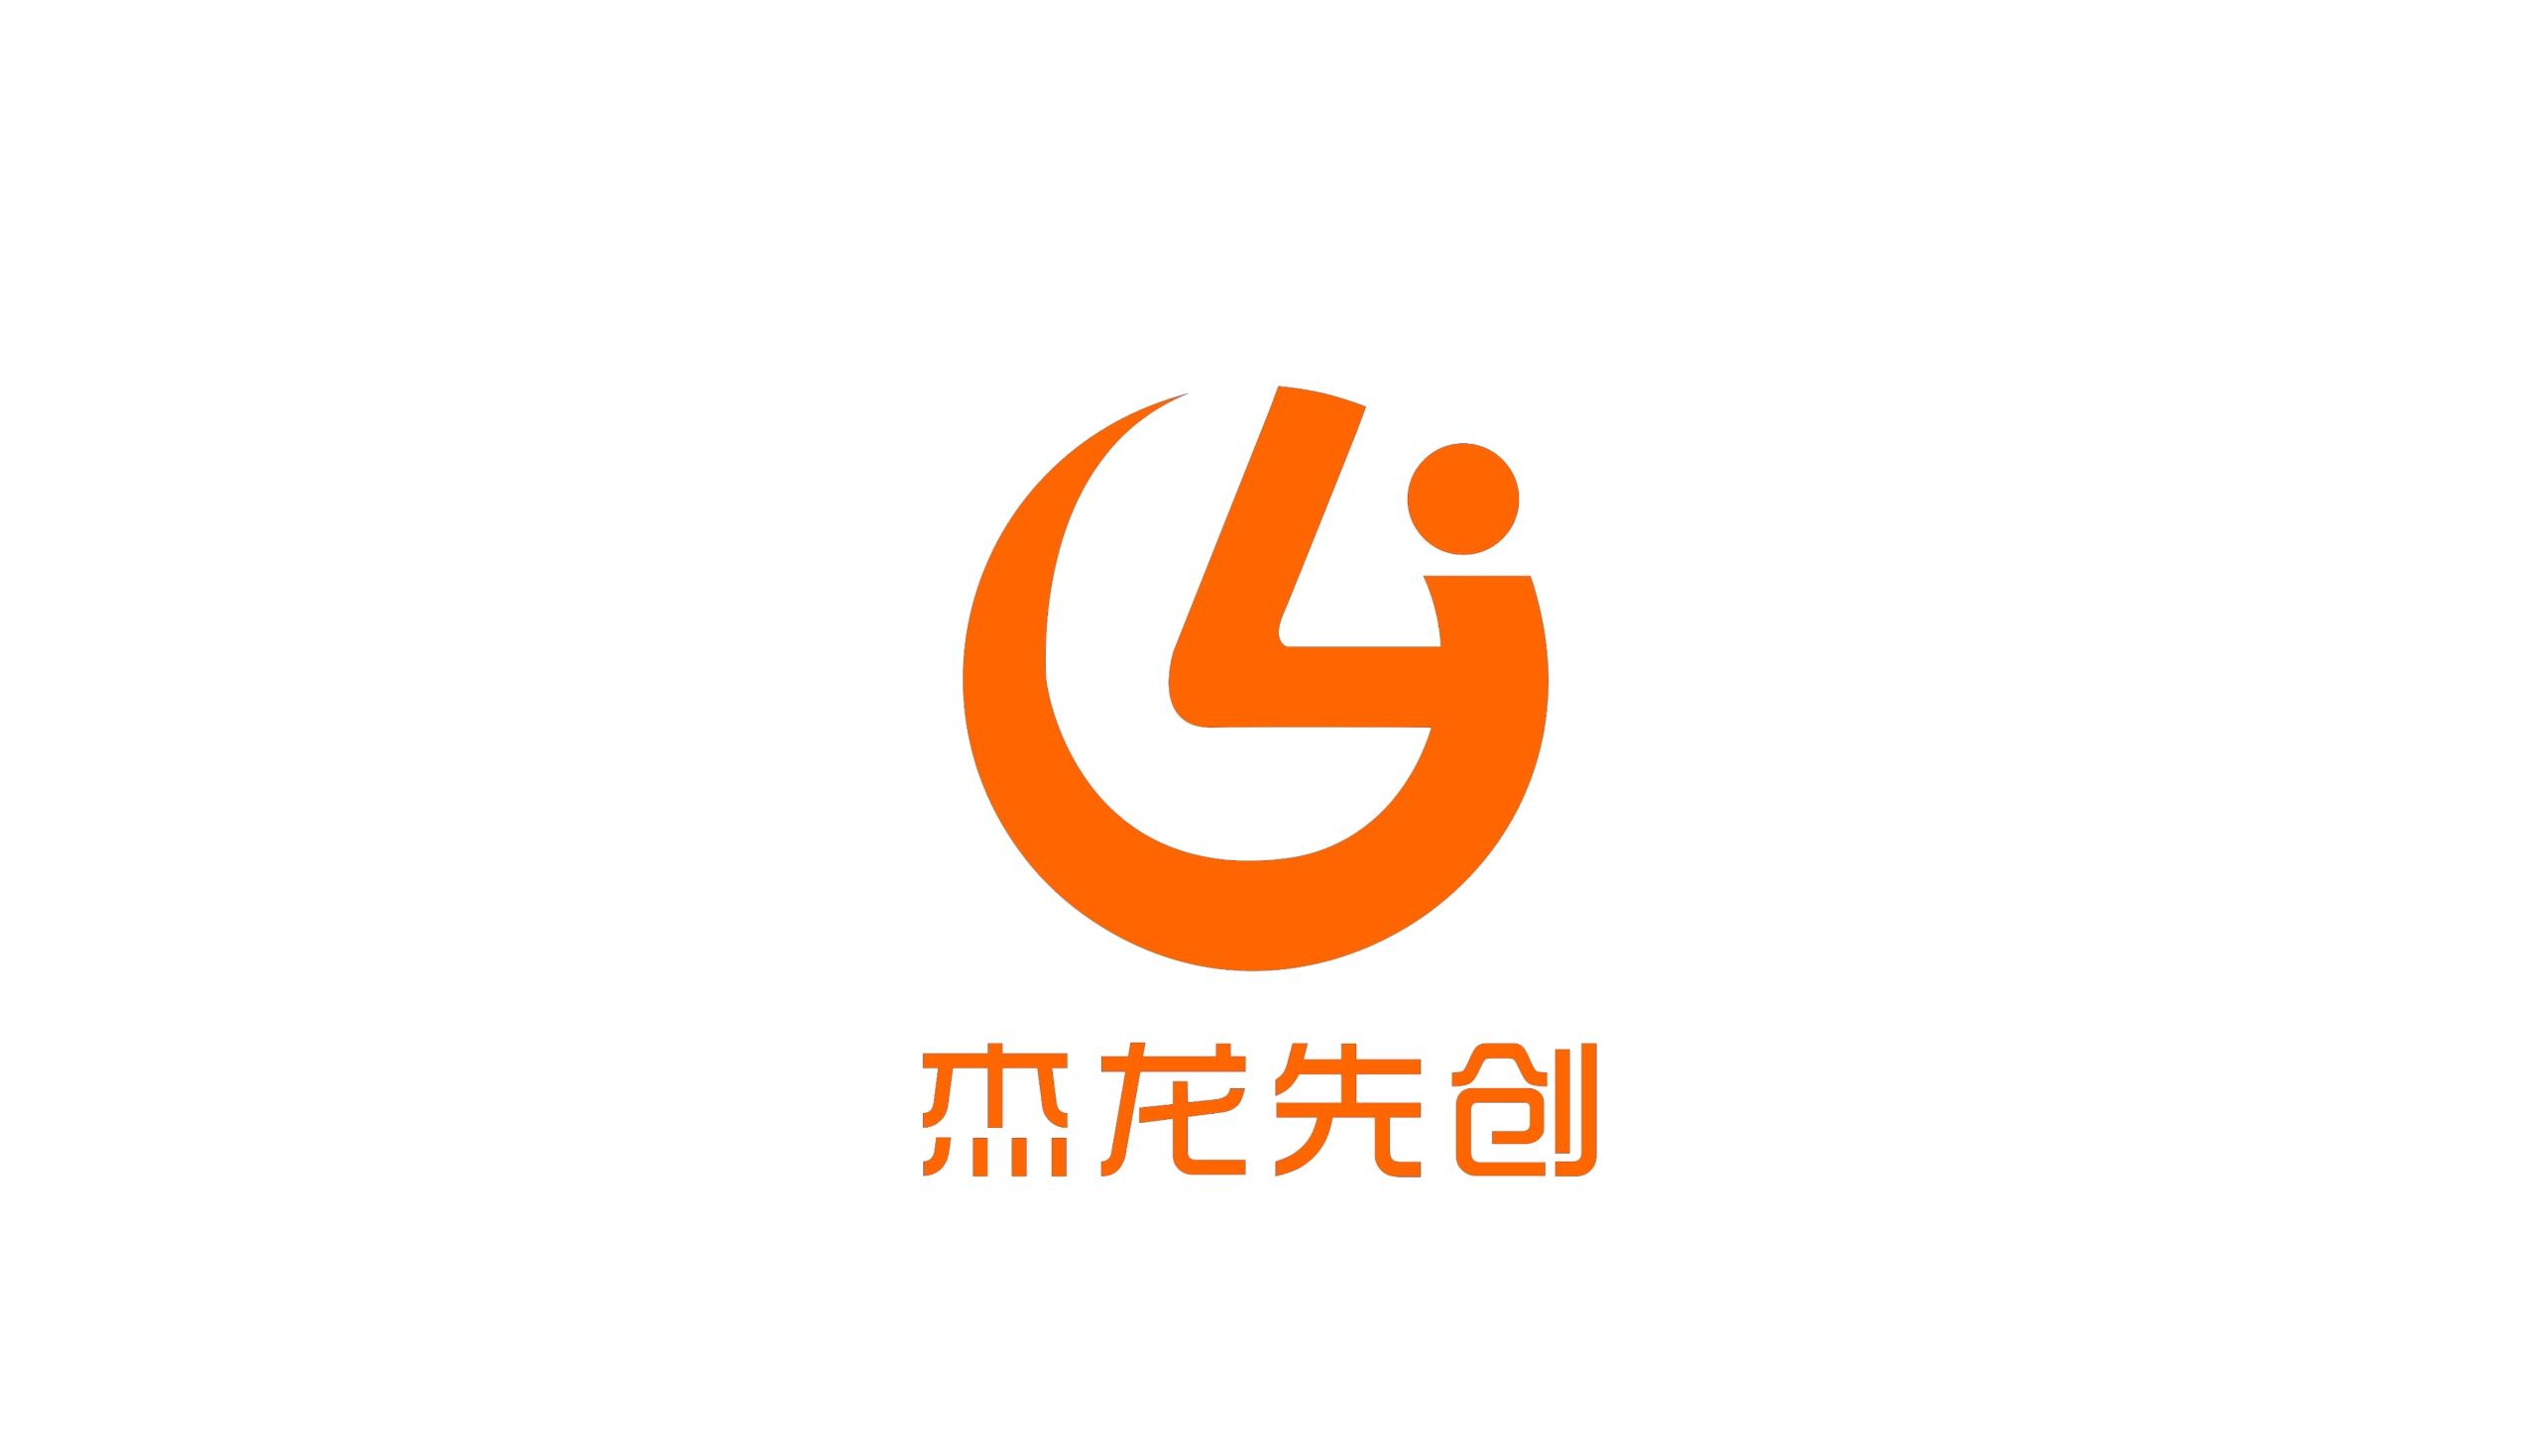 深圳杰龙先创科技有限公司